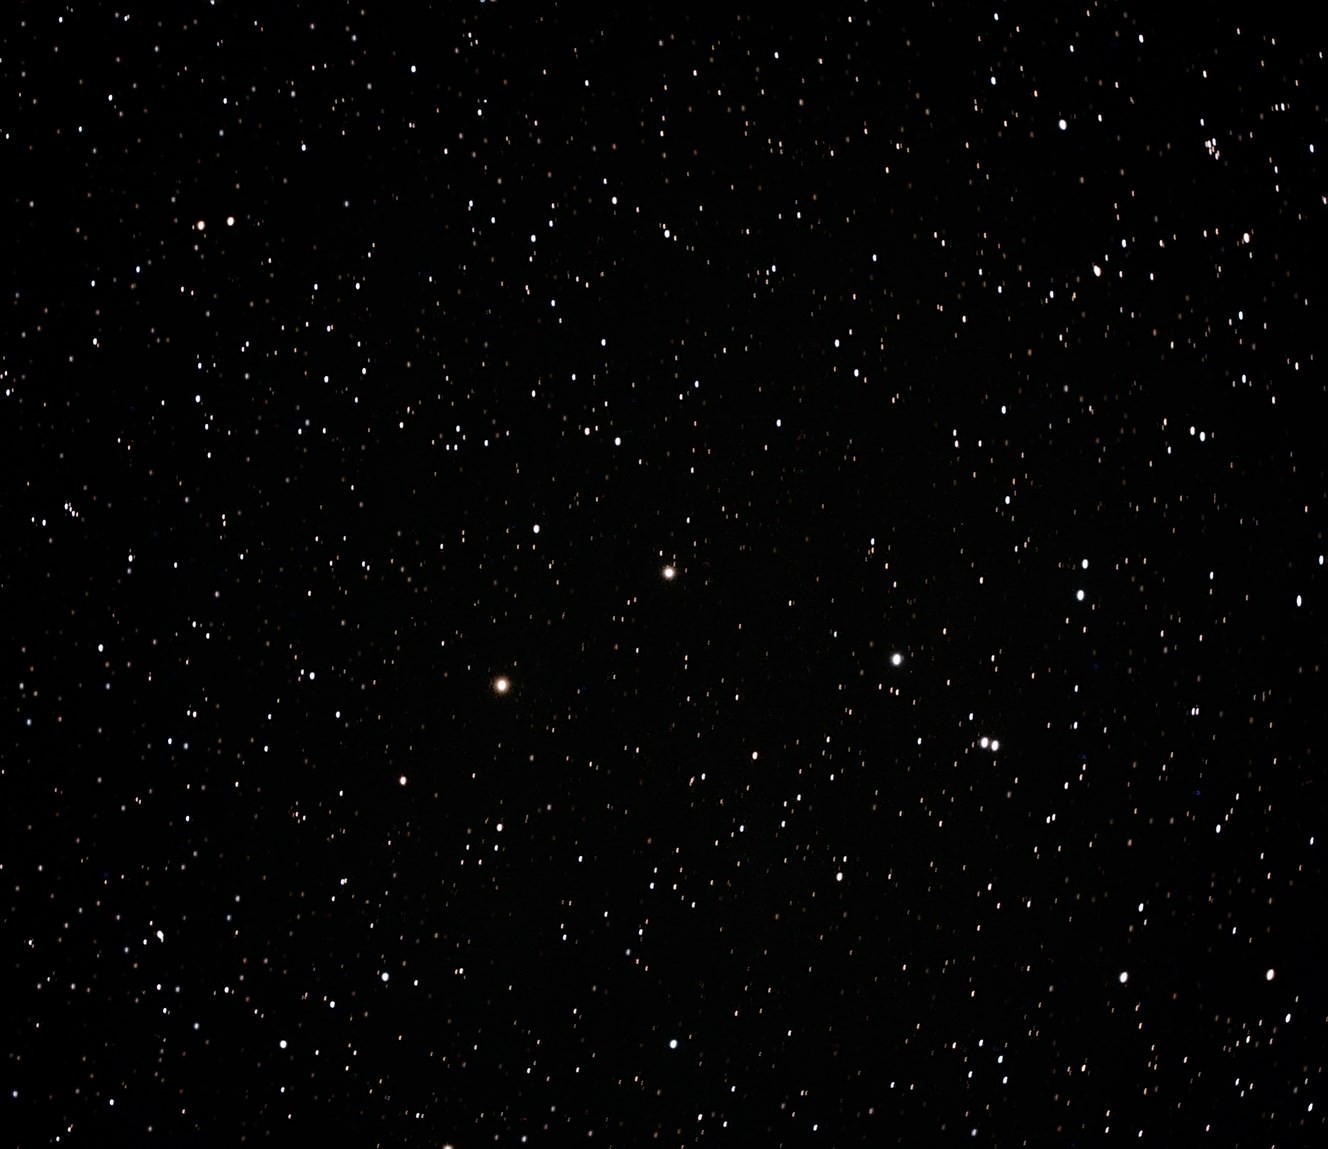 Vesta_191122_F76_16-180_dss11_002cw_filtered.jpg